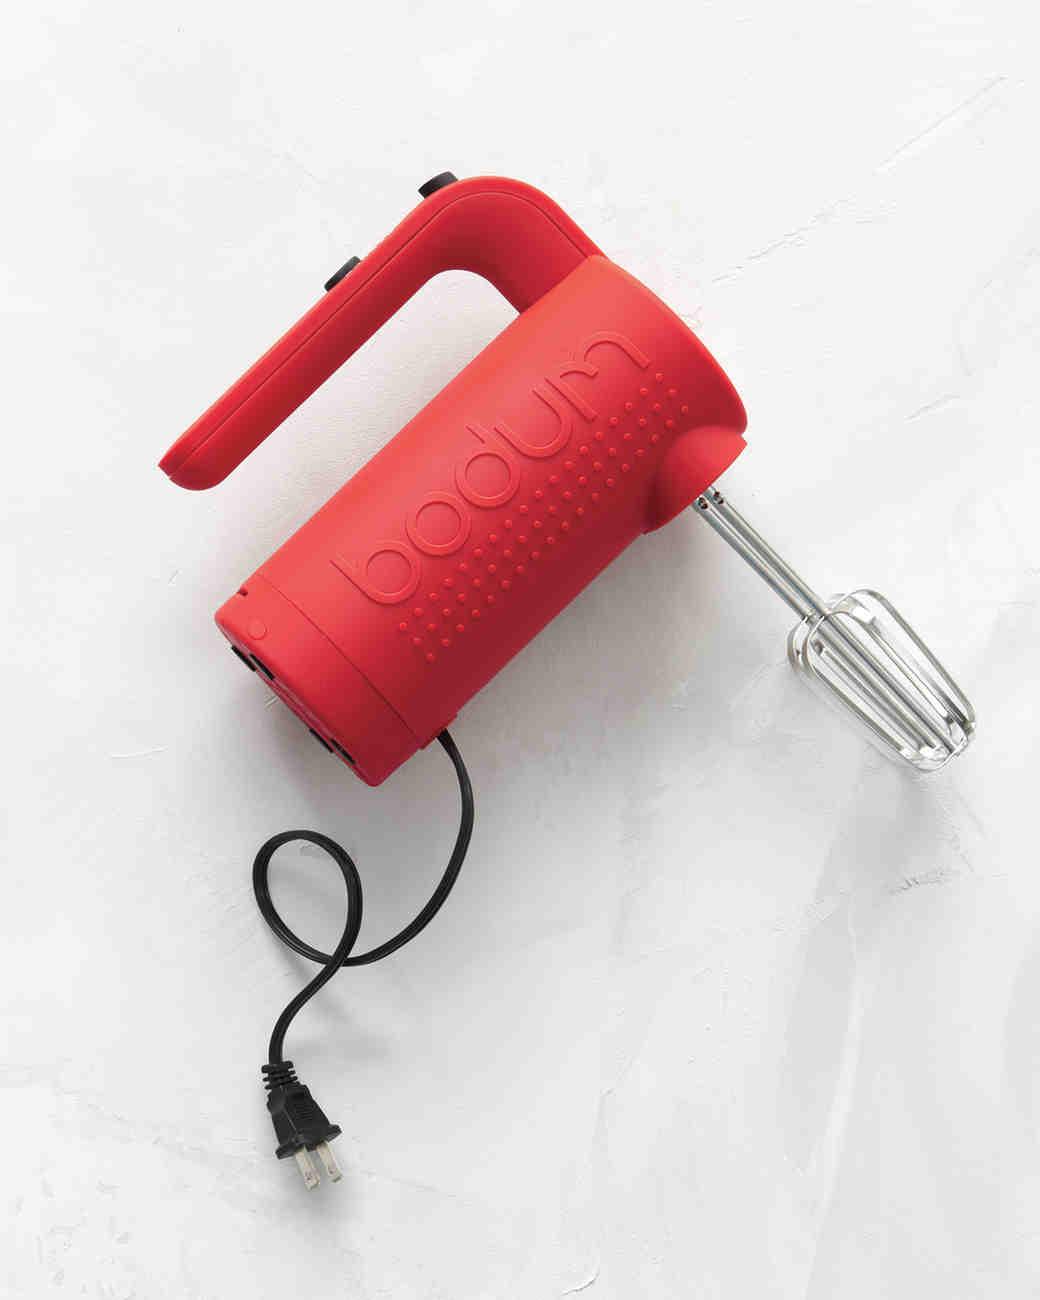 bodum-hand-mixer-mwd108187.jpg